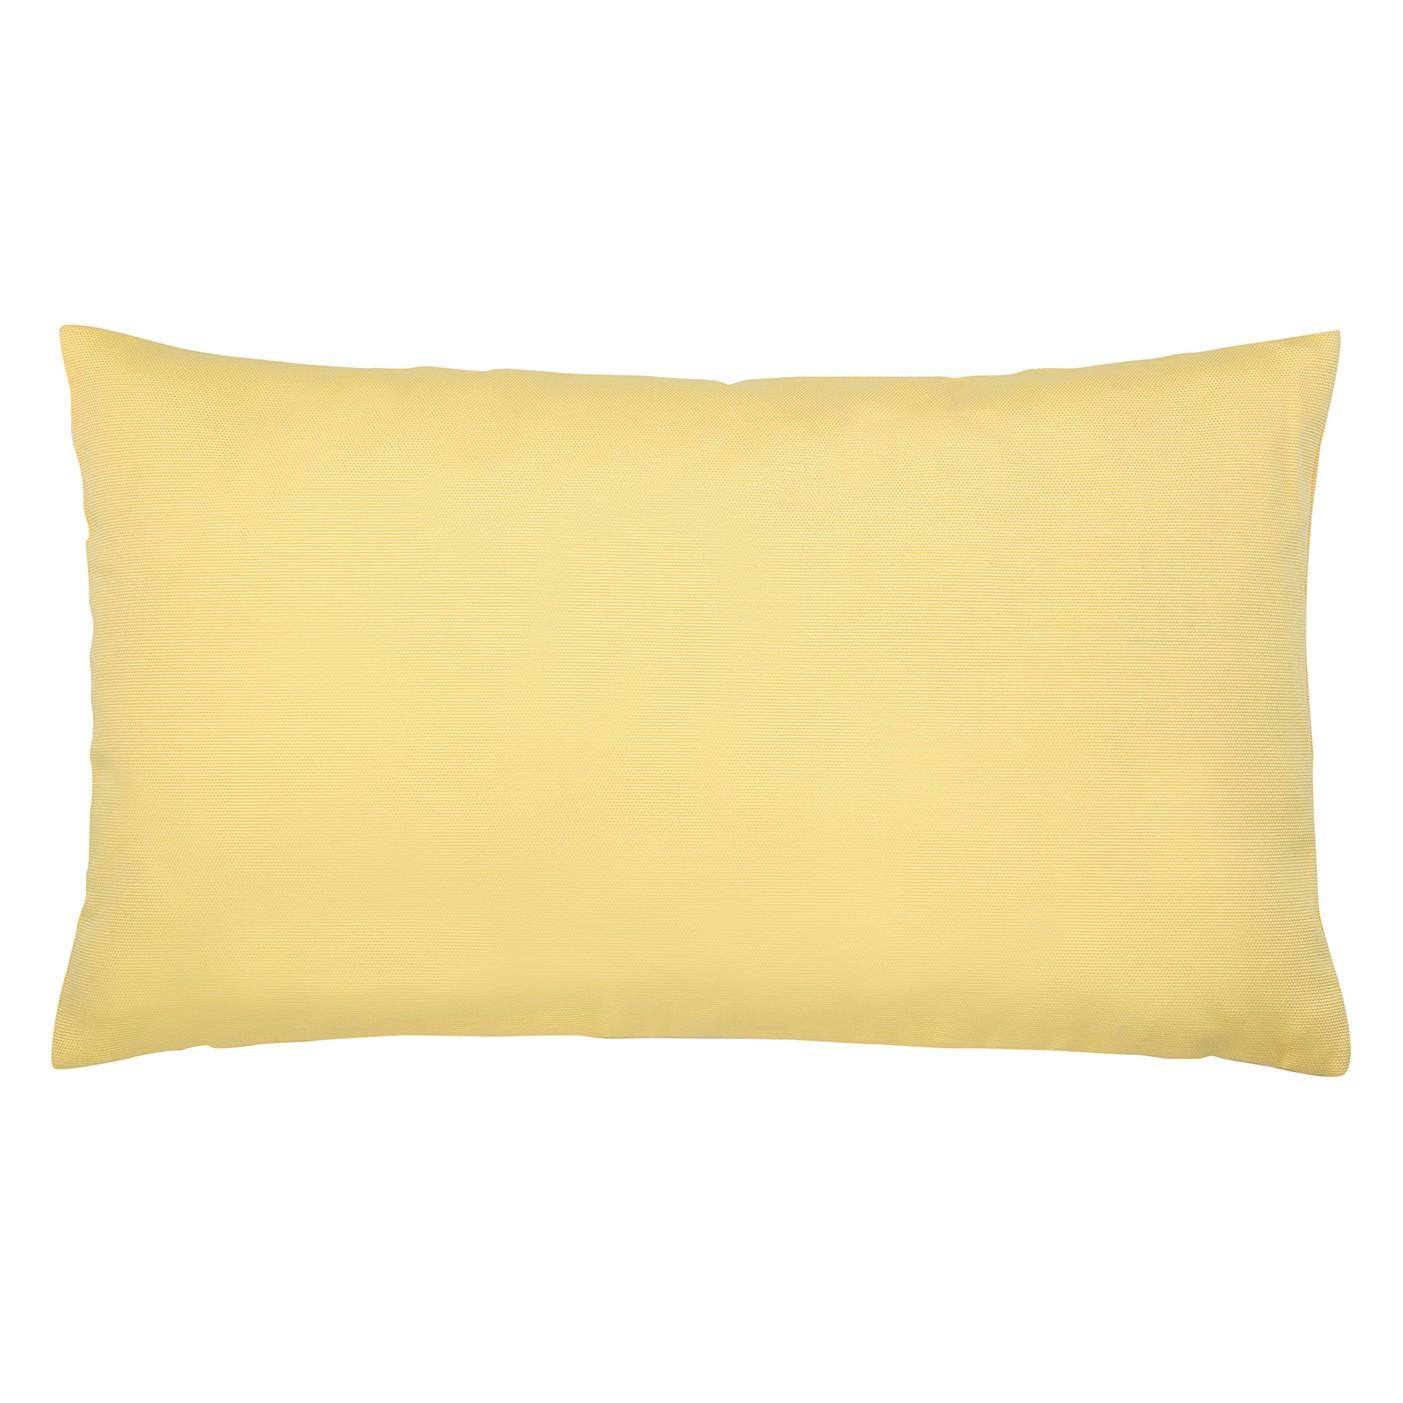 Kissen Juno - Baumwollmischgewebe - Gelb - 30 x 50 cm